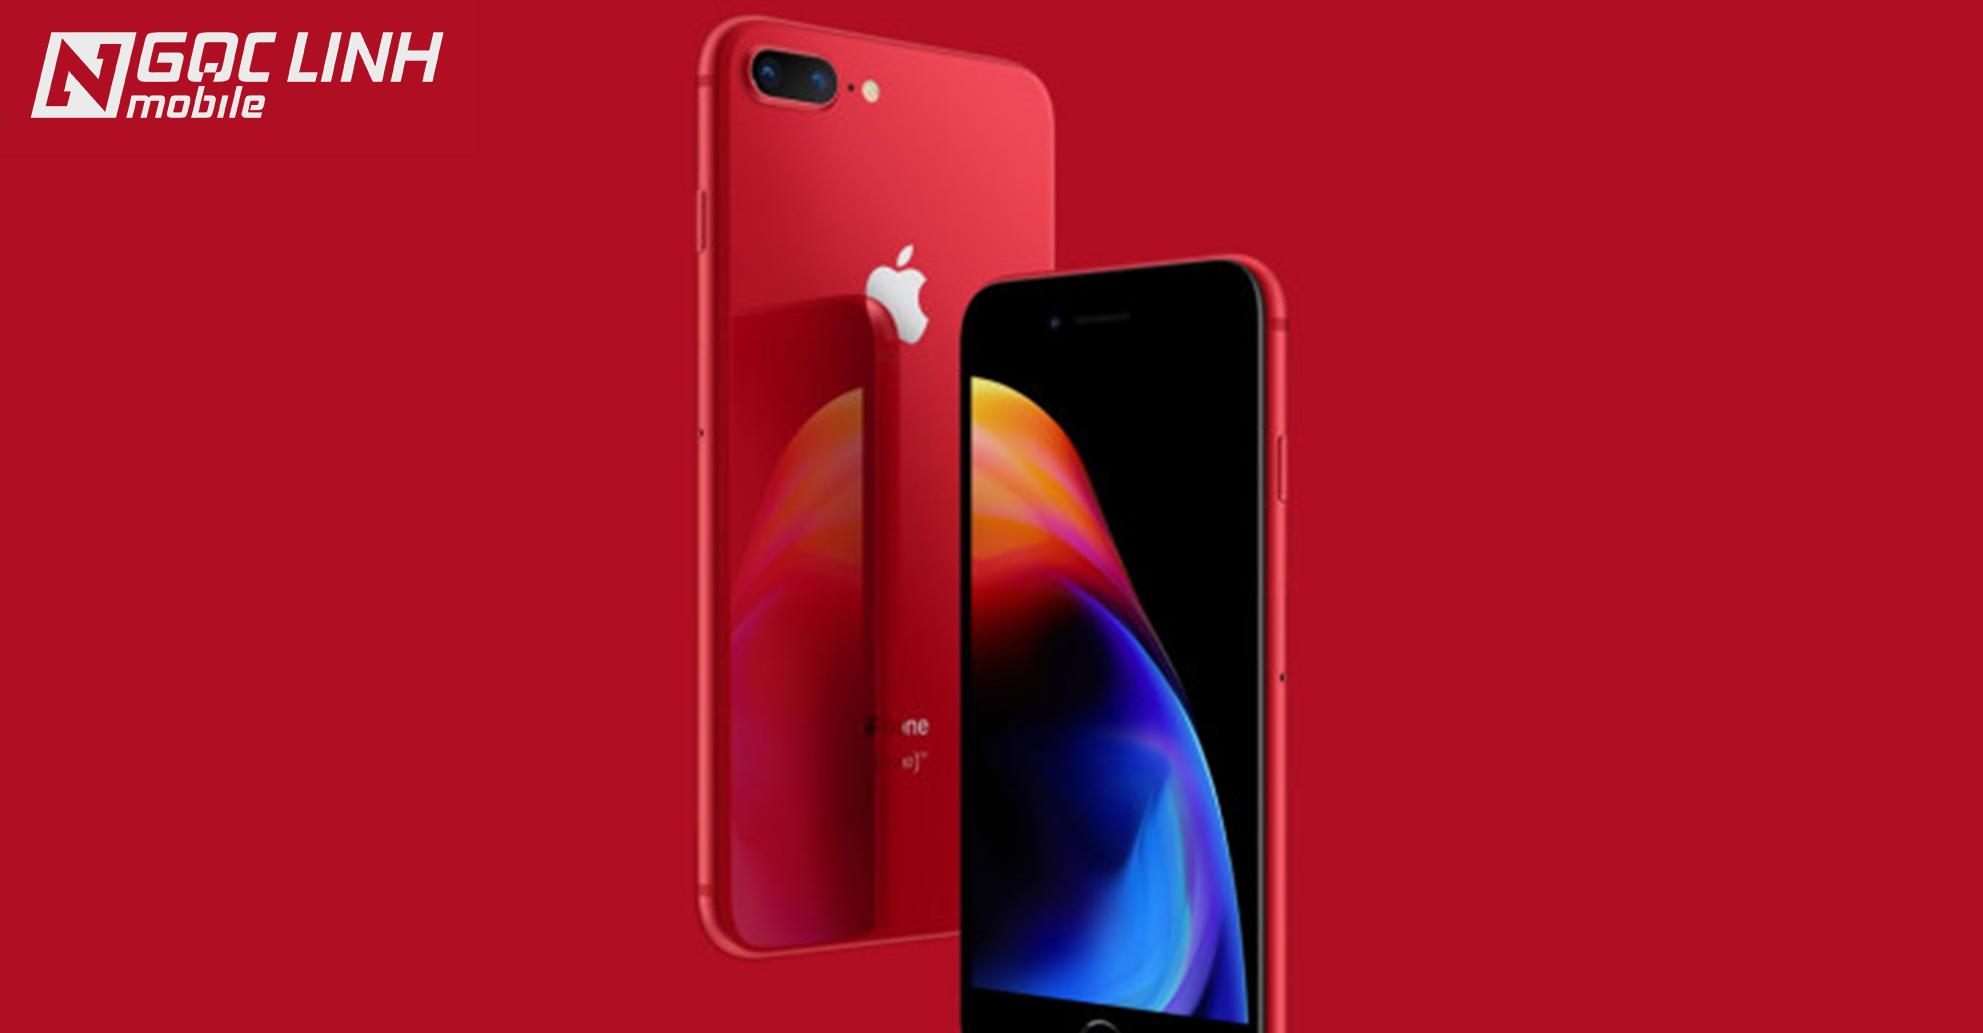 8 Plus RED 8 plus red - iPhone 8 và 8 Plus RED sẽ ra mắt vào ngày mai